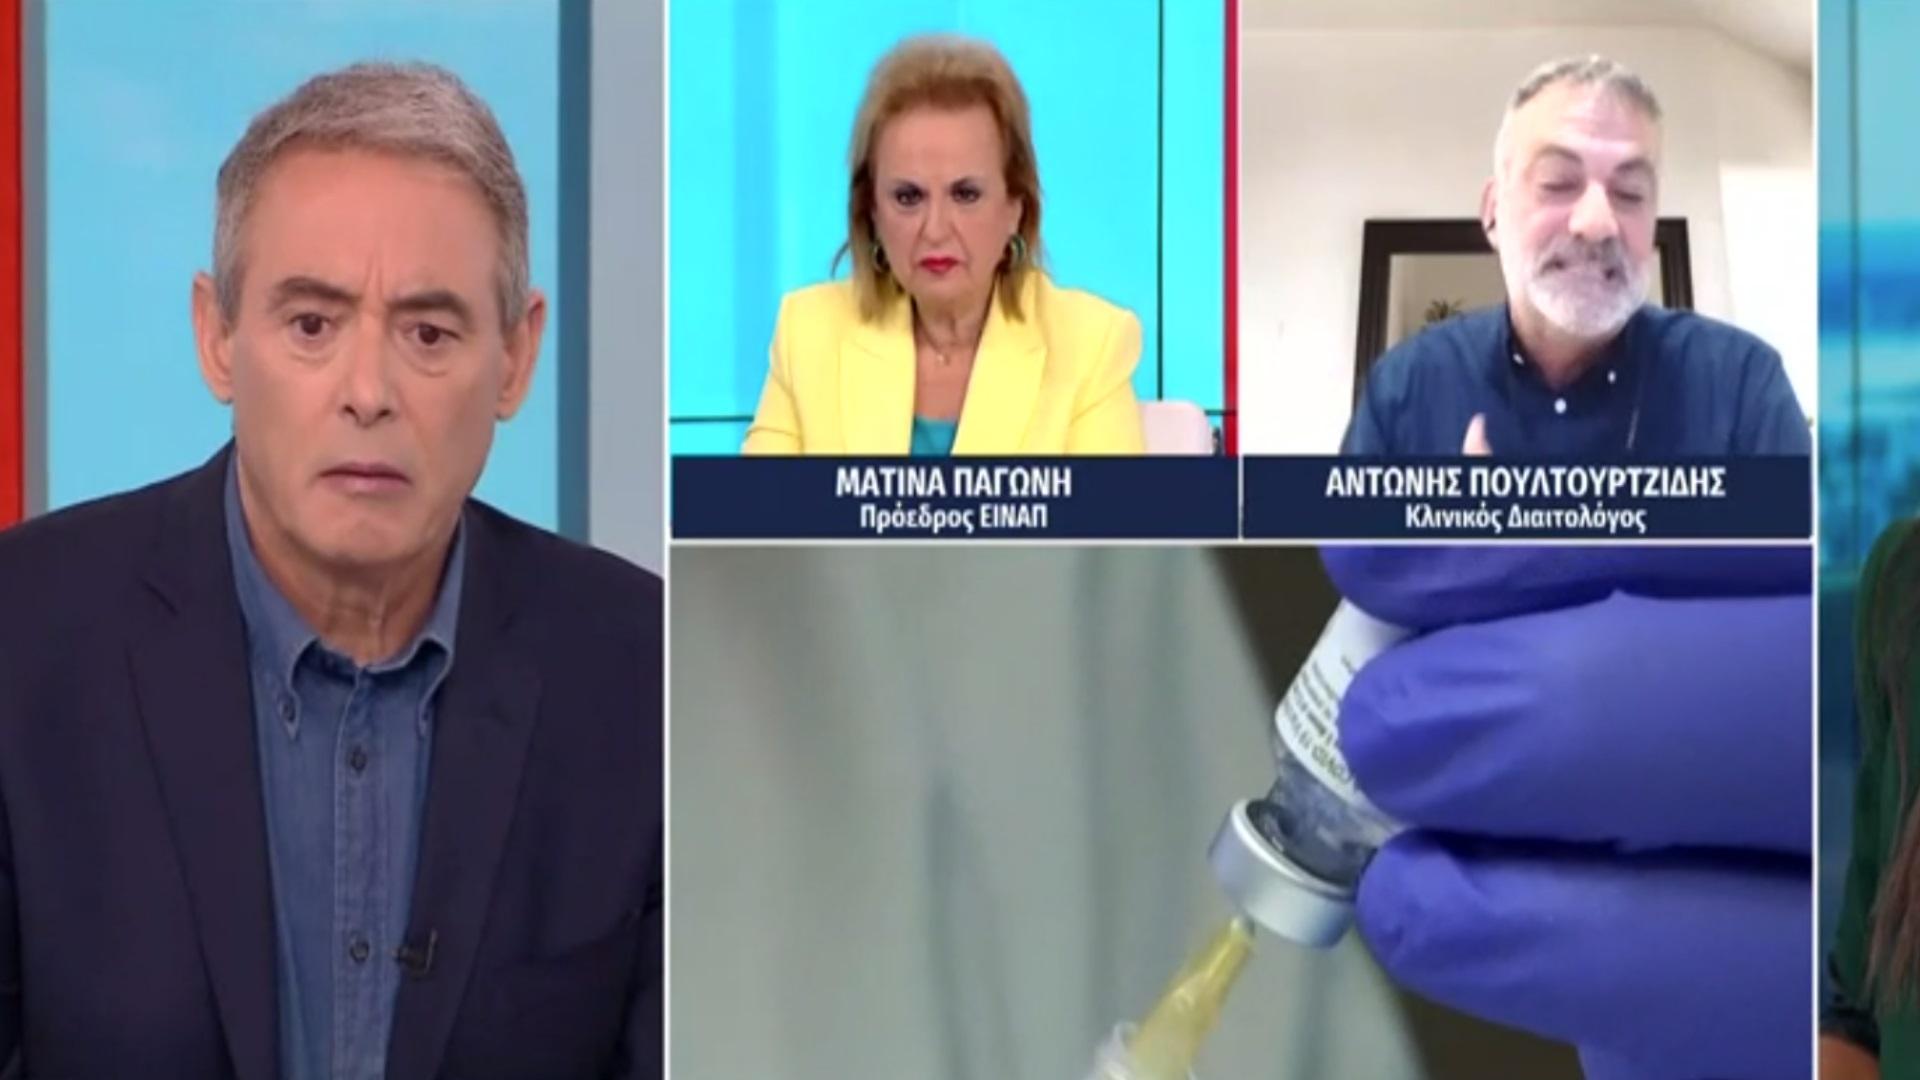 Καυγάς Ματίνας Παγώνη με αντιεμβολιαστή: Η δική μου άποψη μετράει, όχι η δική σας